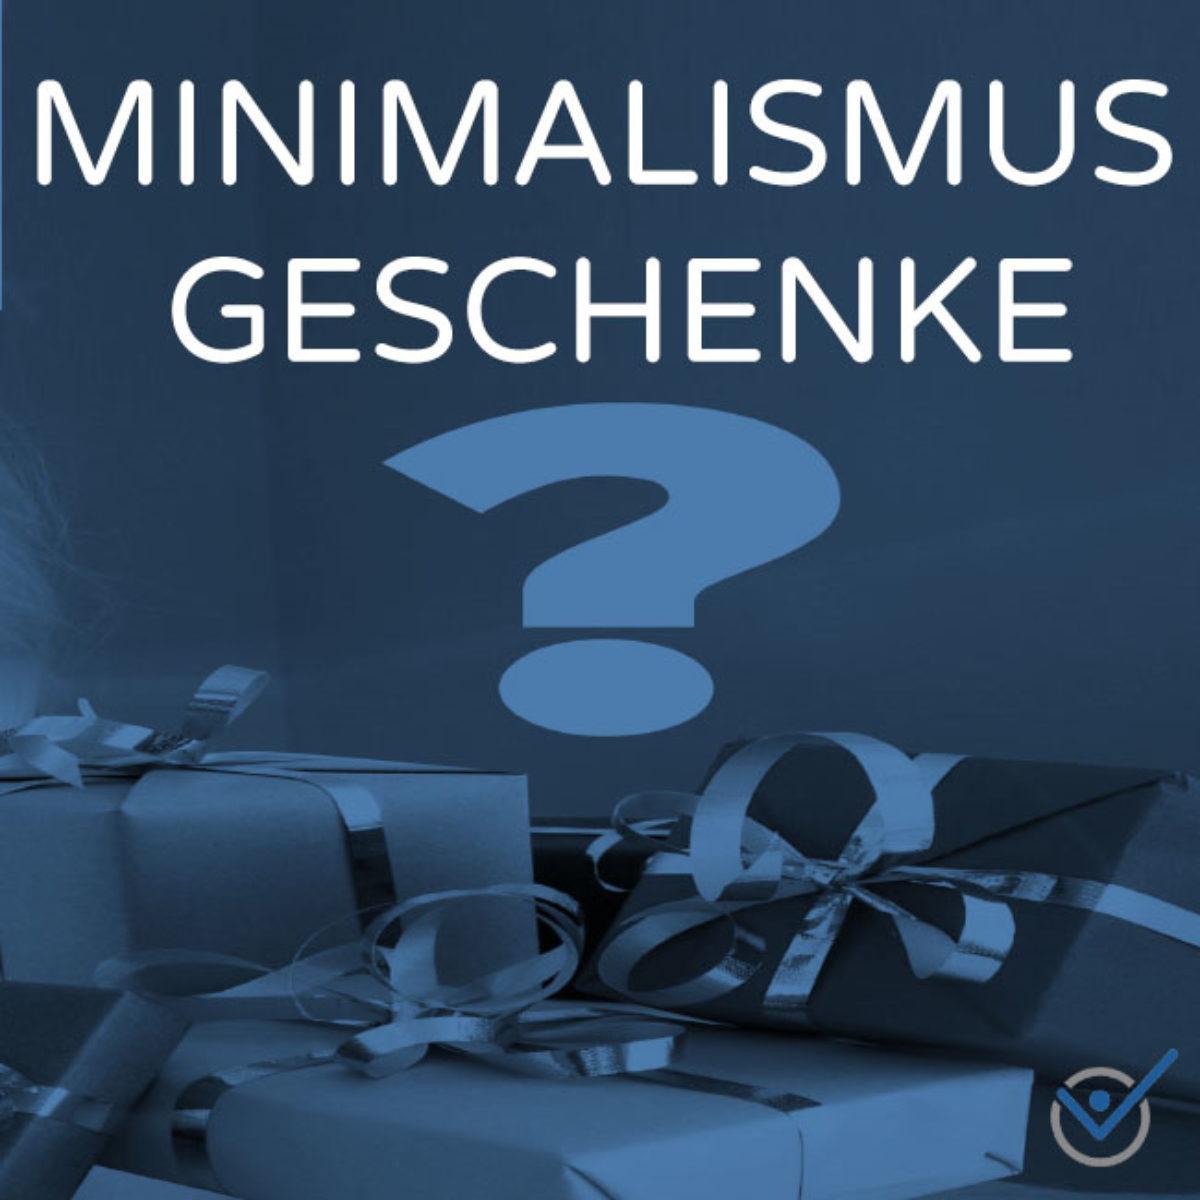 Minimalismus Geschenke